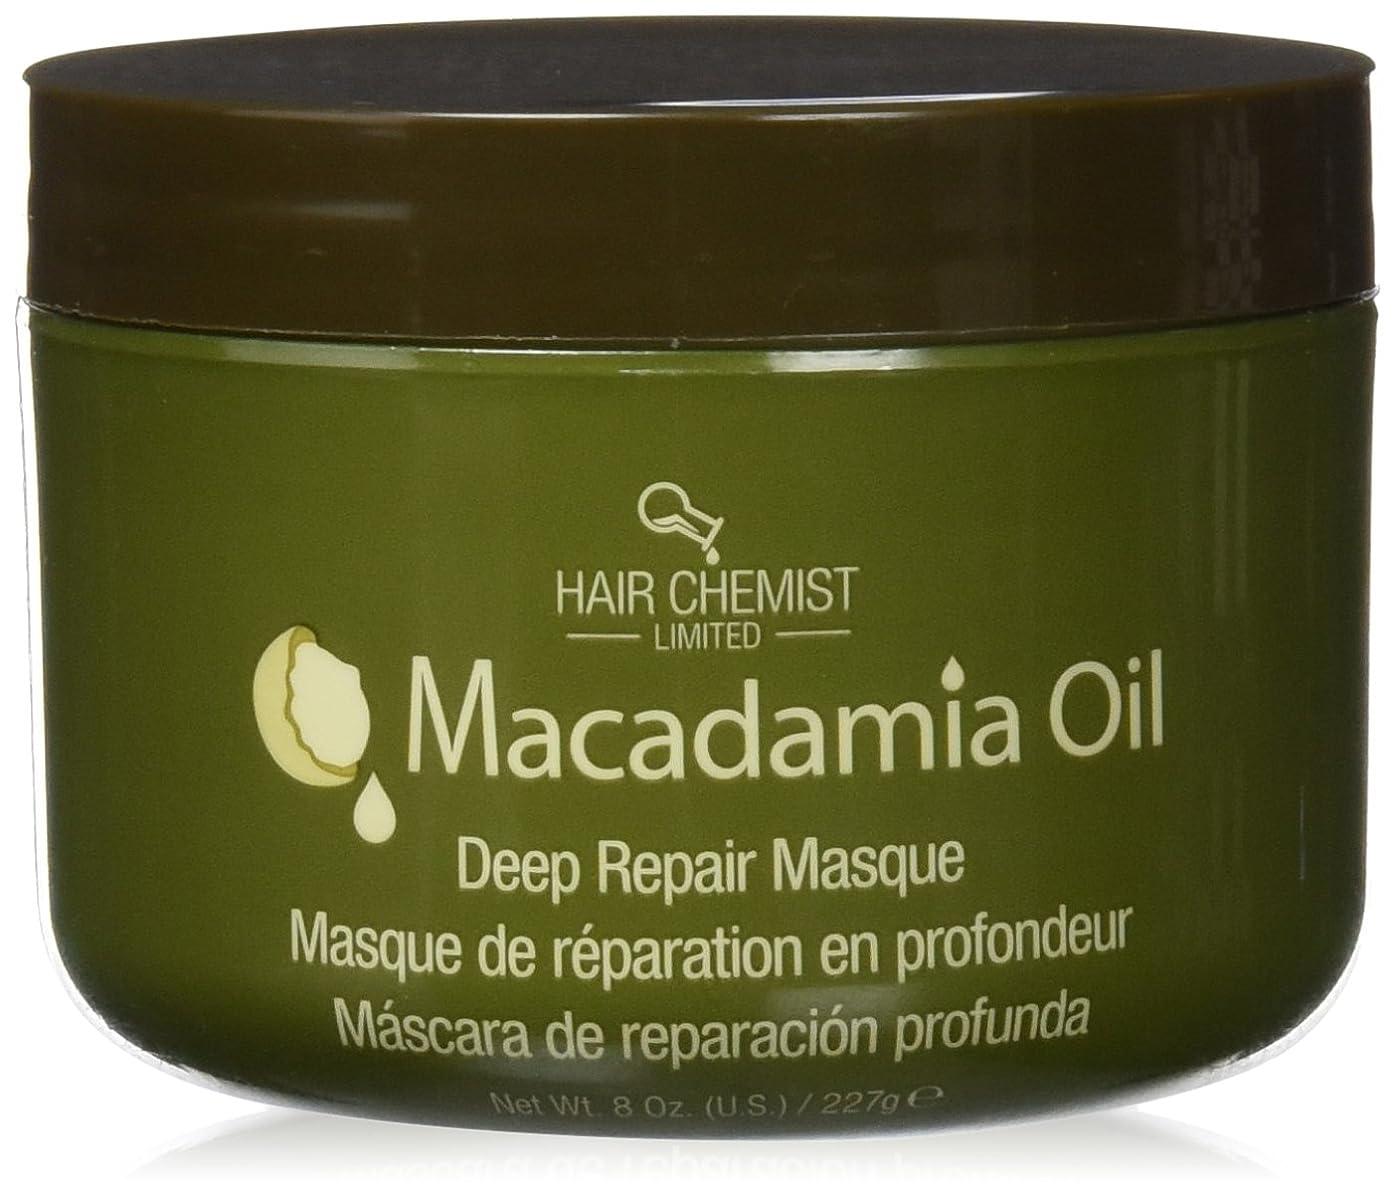 サーキットに行く線バストHair Chemist ヘアマスク マカダミア オイル ディープリペアマスク 227g Macadamia Oil Deep Repair Mask 1434 New York